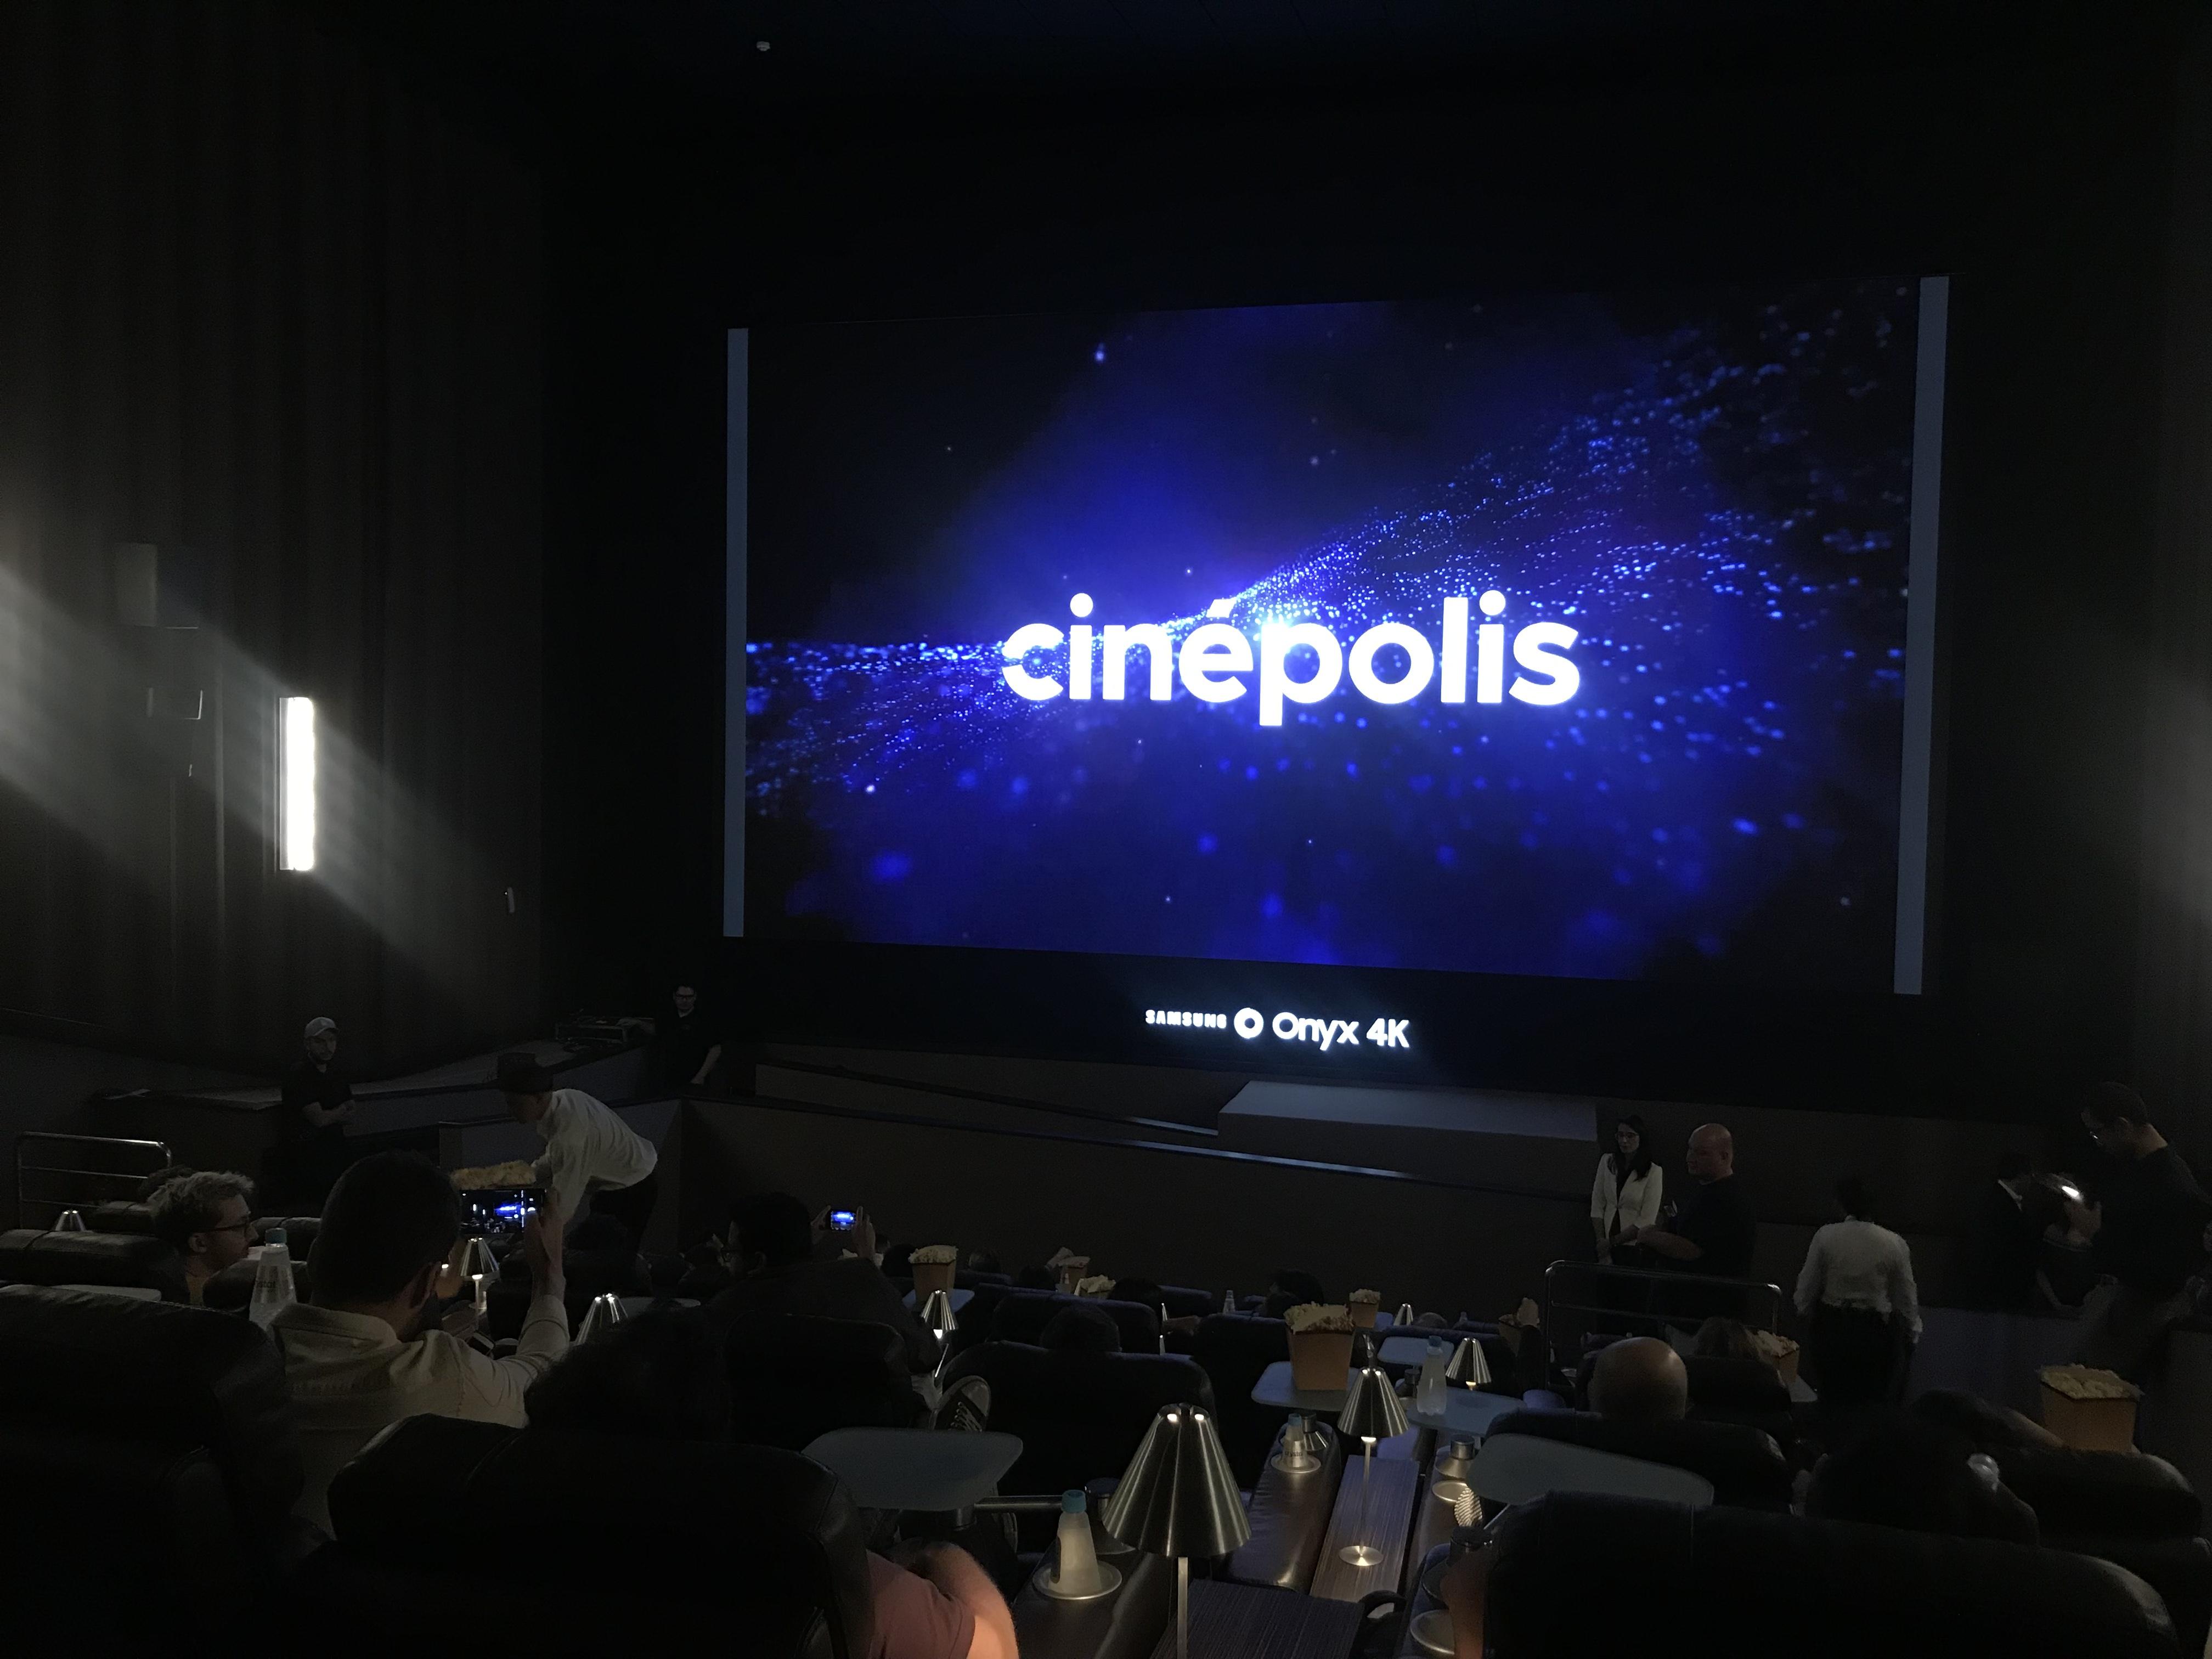 Cinépolis inaugura primeira tela LED modular do Brasil; conheça a Samsung Onyx 4k